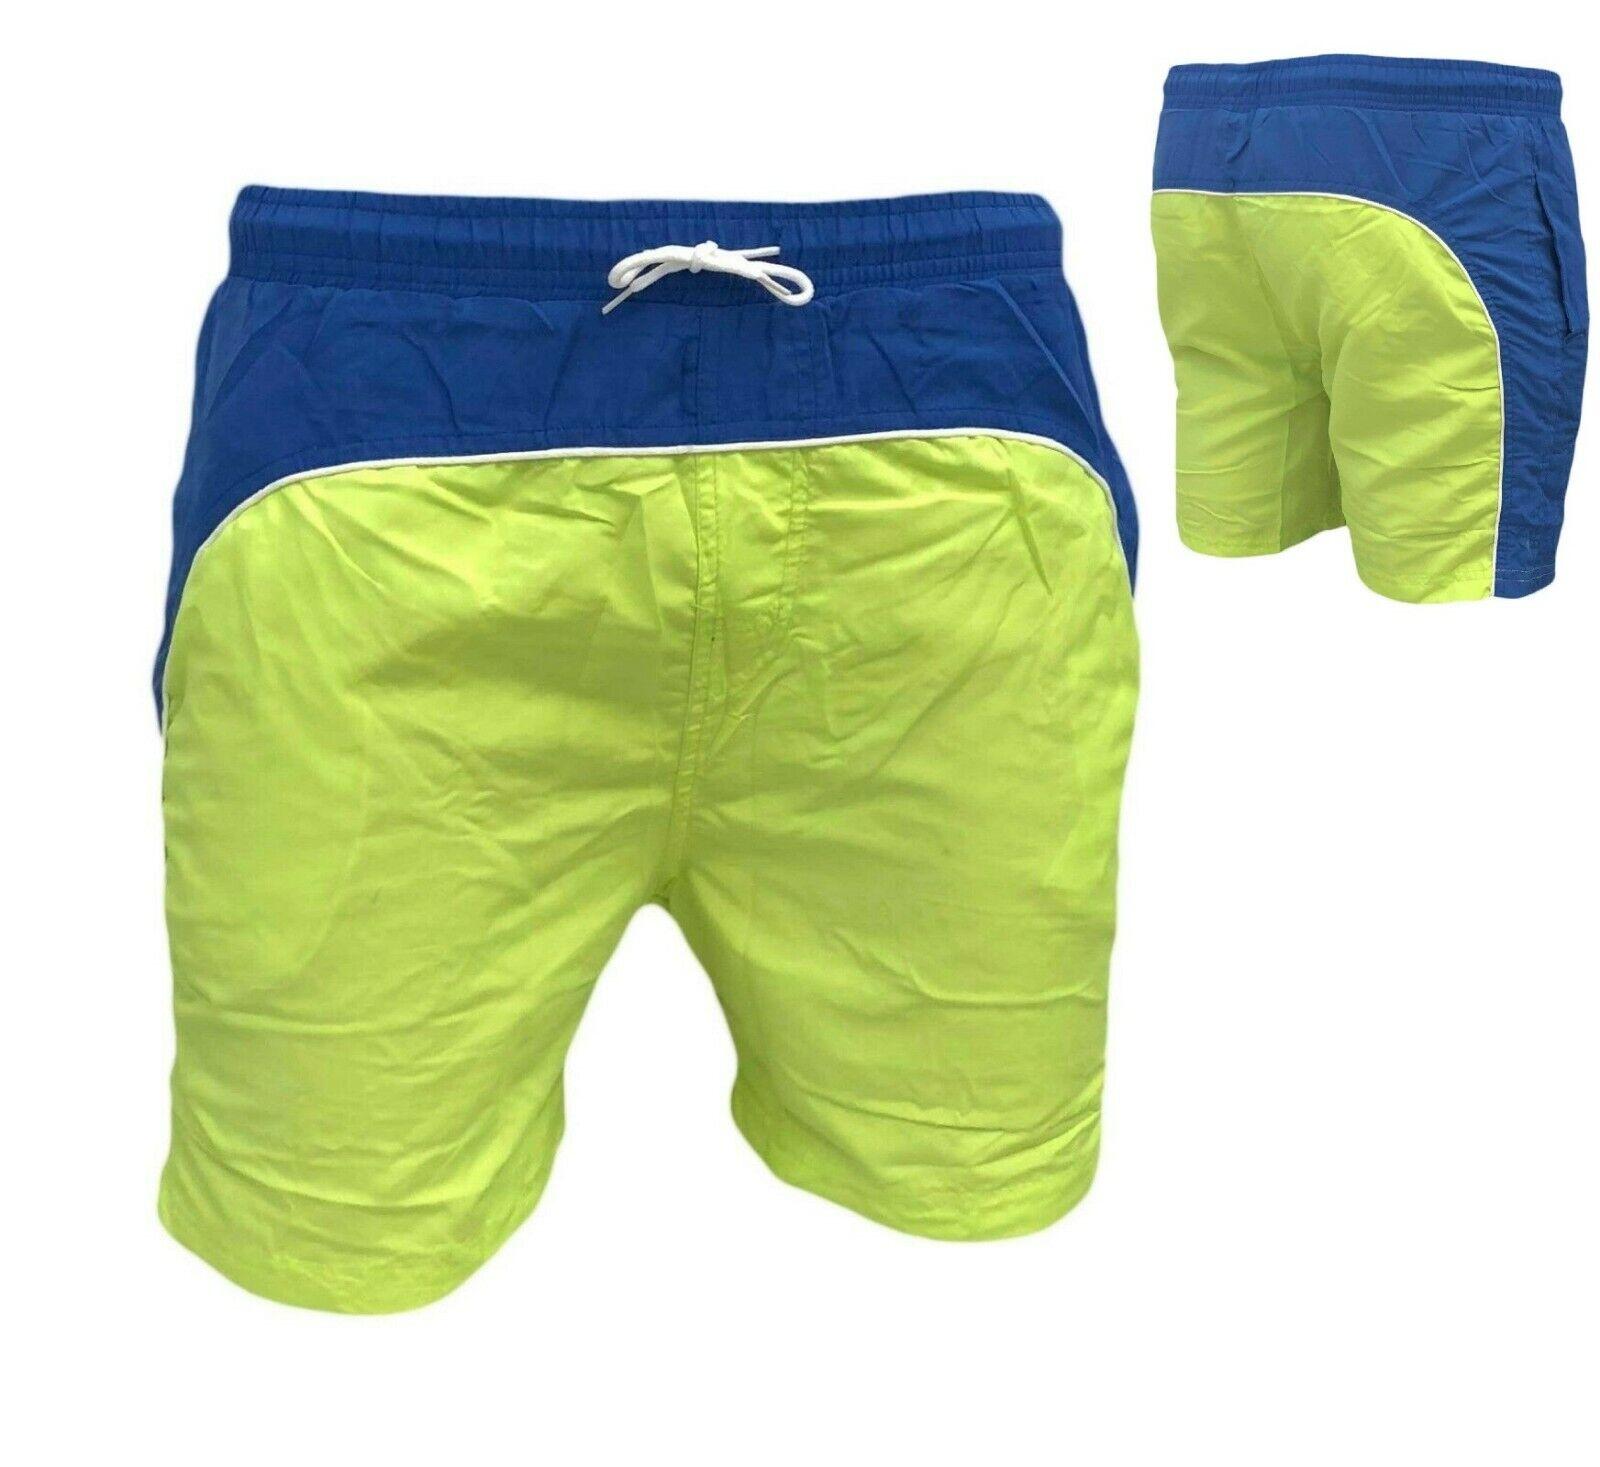 Costume Da Bagno Uomo Boxer Mare Pantaloncino Militare Bermuda Piscina Elastico